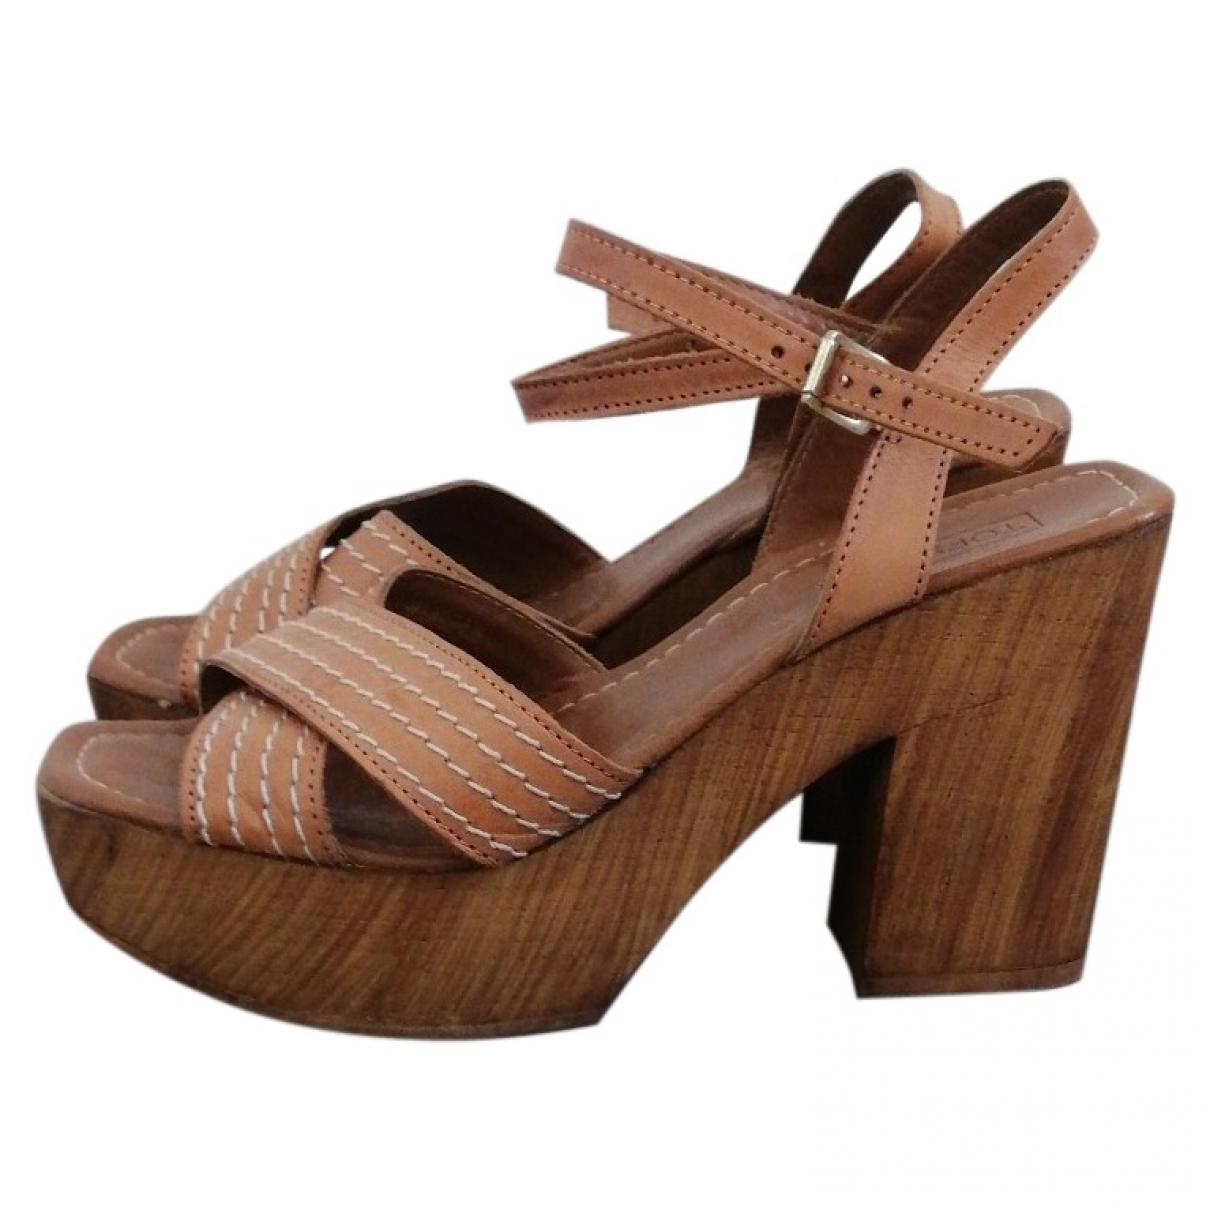 Topshop - Sandales   pour femme en cuir - camel